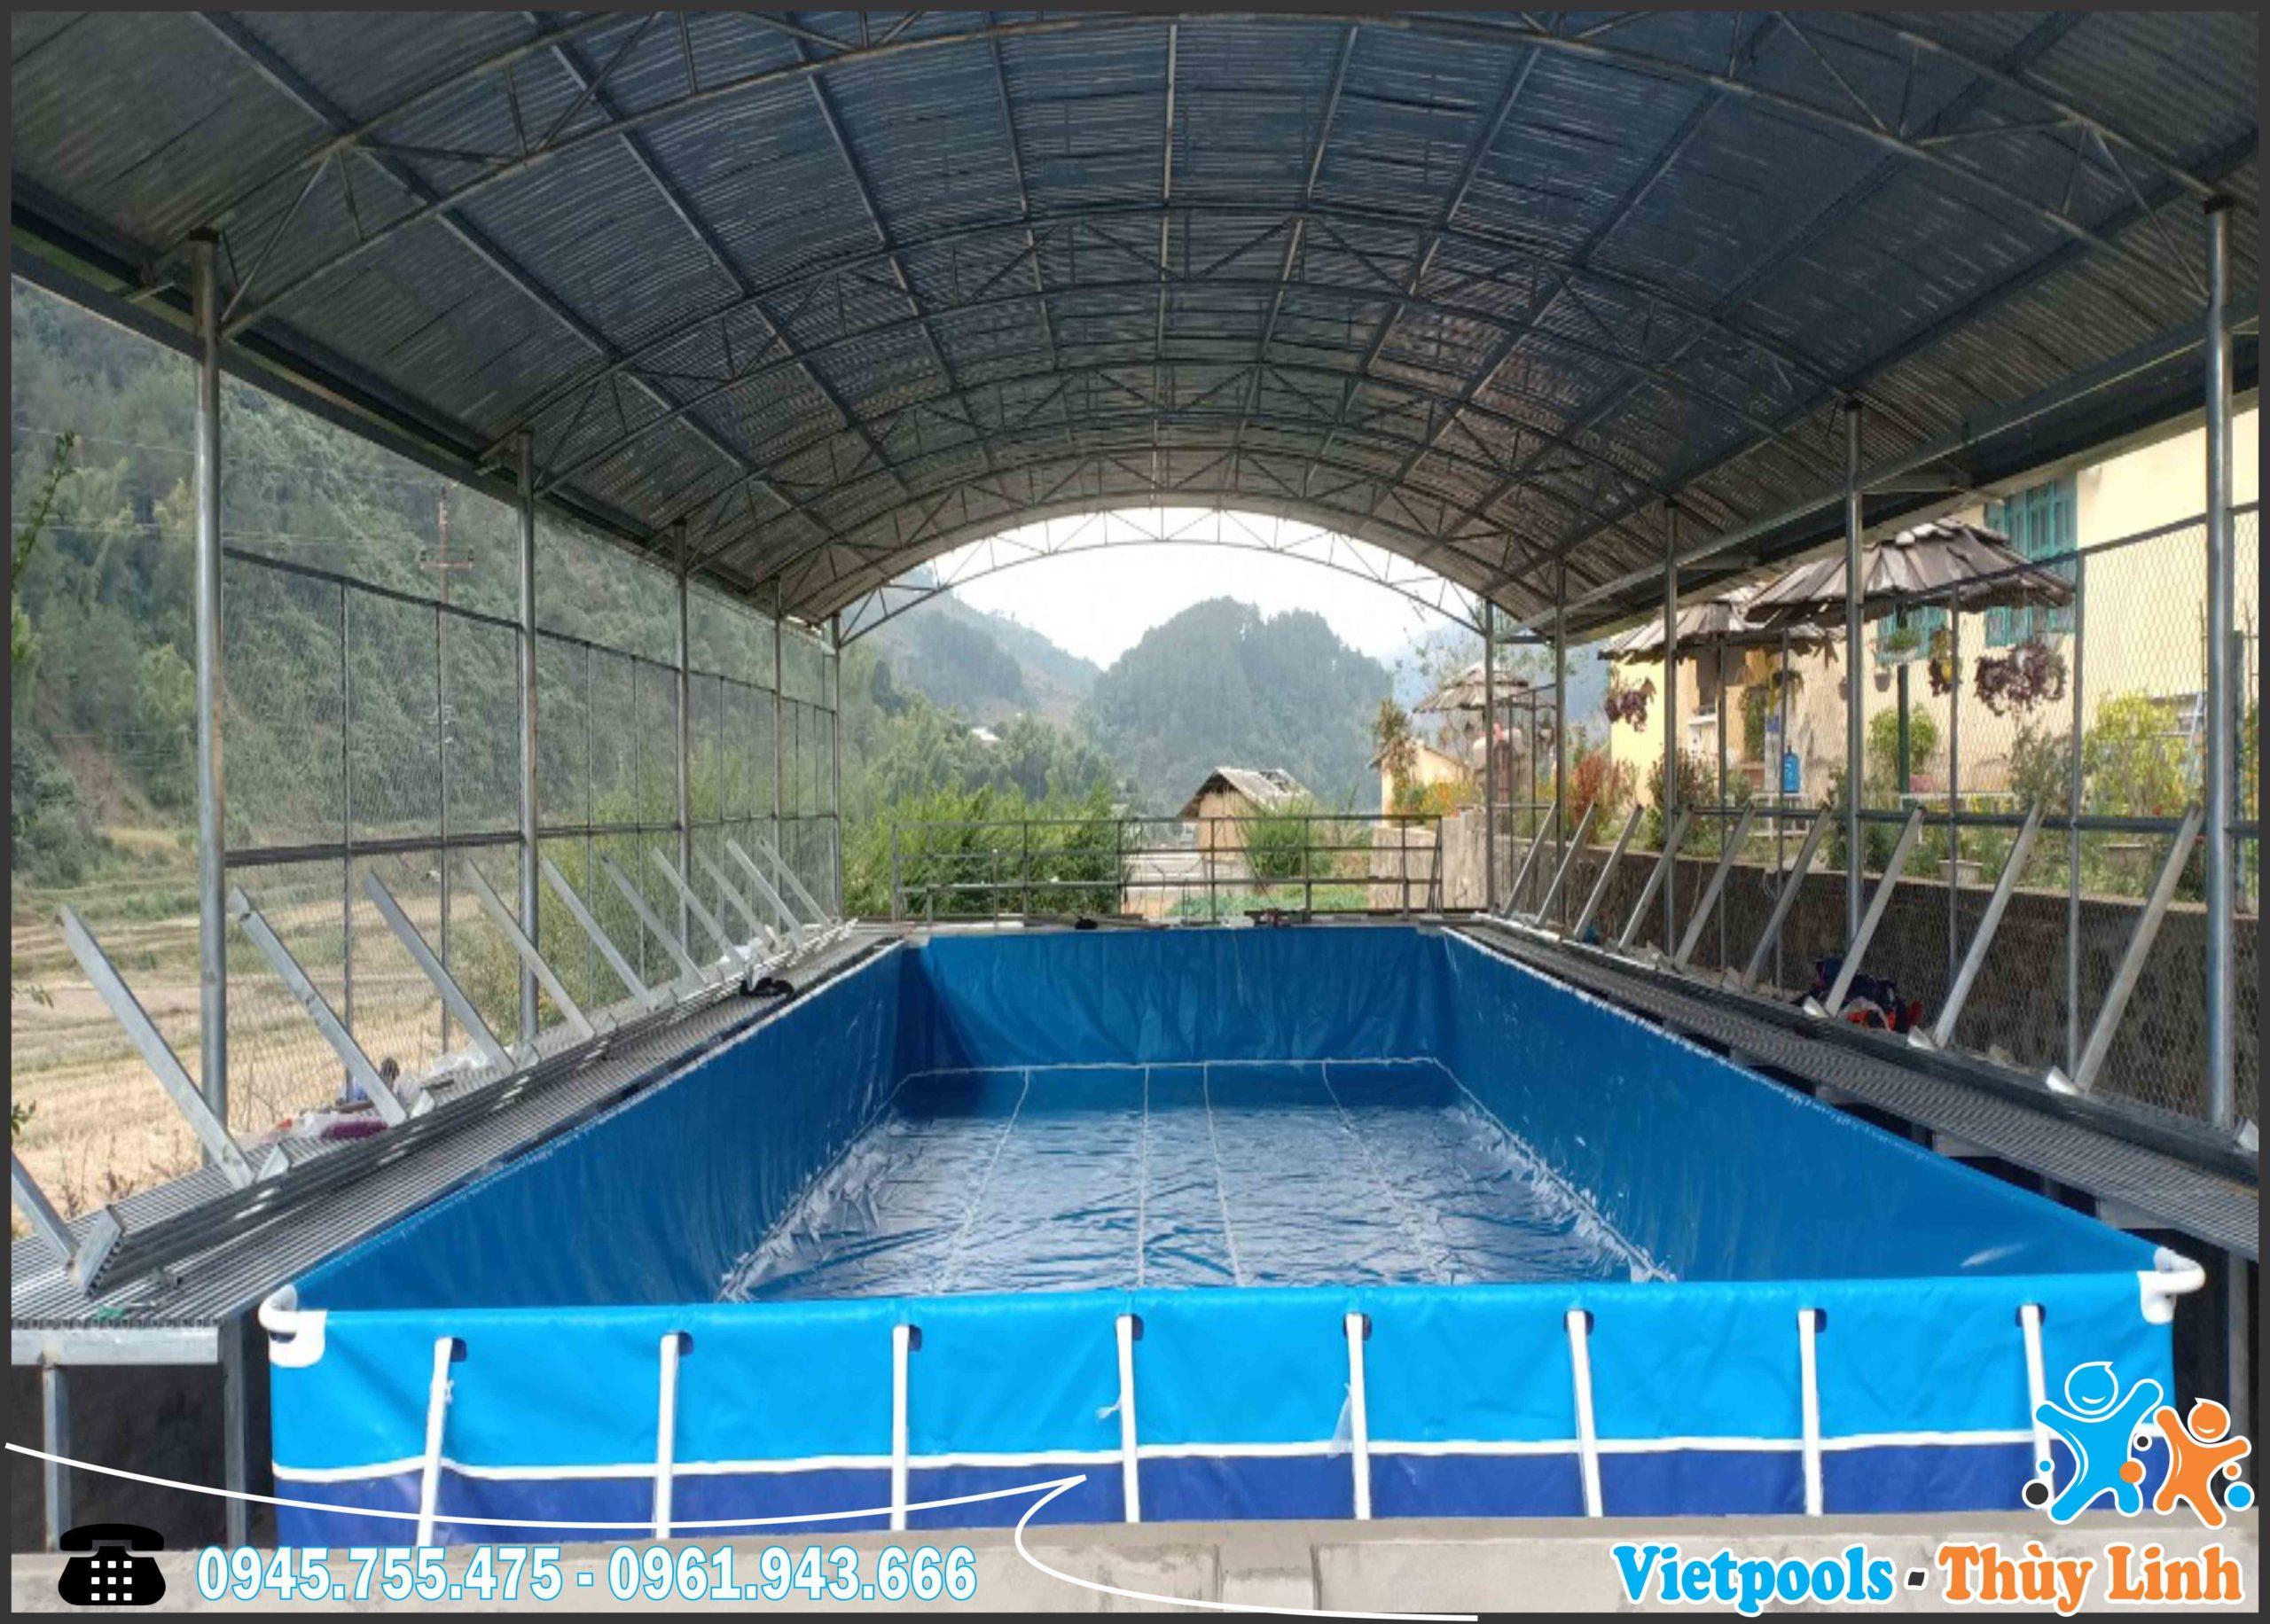 Bể bơi khung kim loại lắp ghé